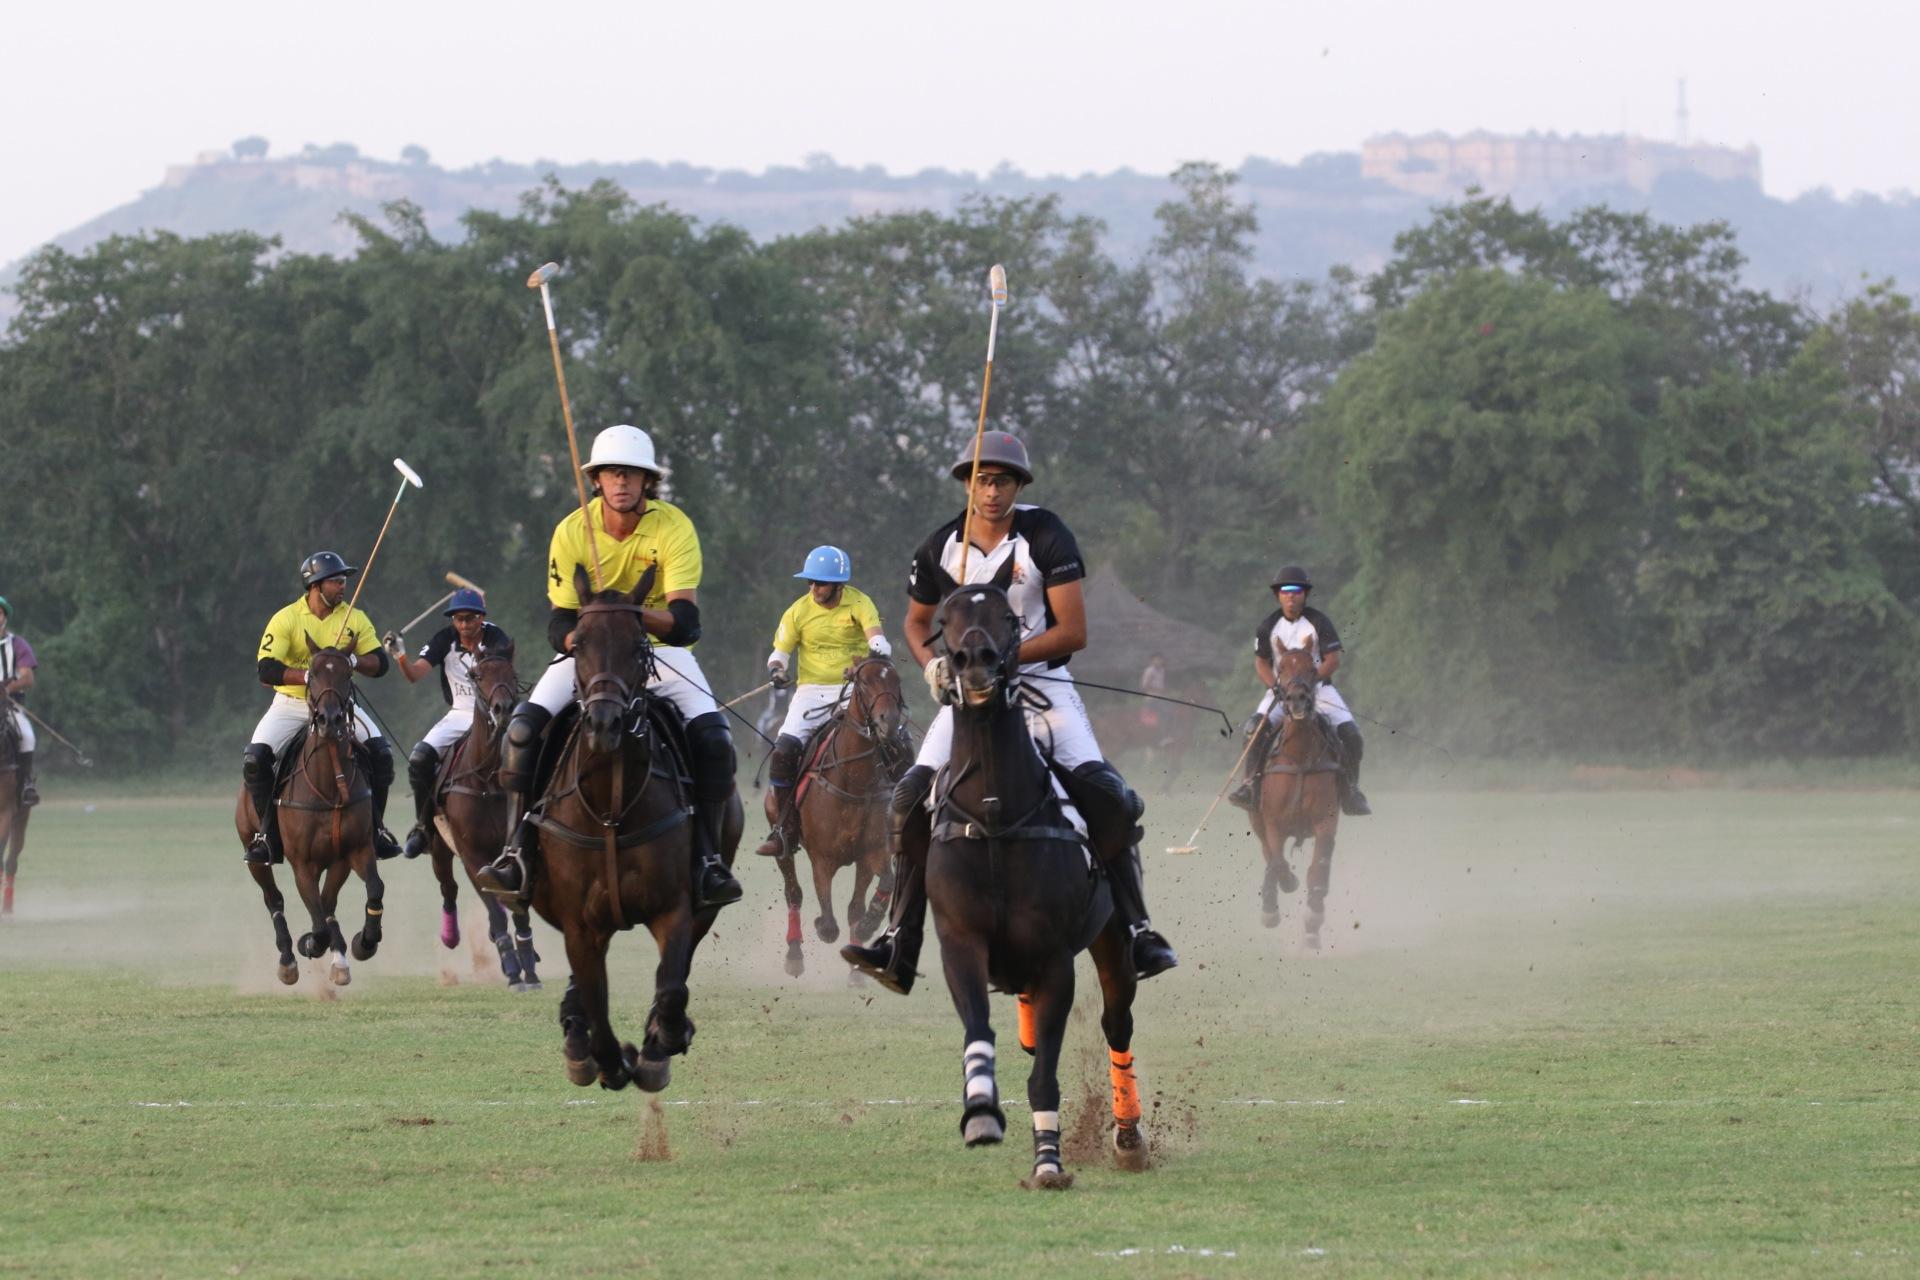 Indian Polo season, Rajasthan, Jaipur polo, Jaipur, Sahara Warriors, General Amar Singh Kanota Cup, Riverside Polo, Krishna Polo, Vishal Singh, Samir Suhag, Ashvini Sharma, Vandit Golecha, Simran Shergill, Bhawani Kalvi, Kuldeep Singh, Samir Mecca,Co